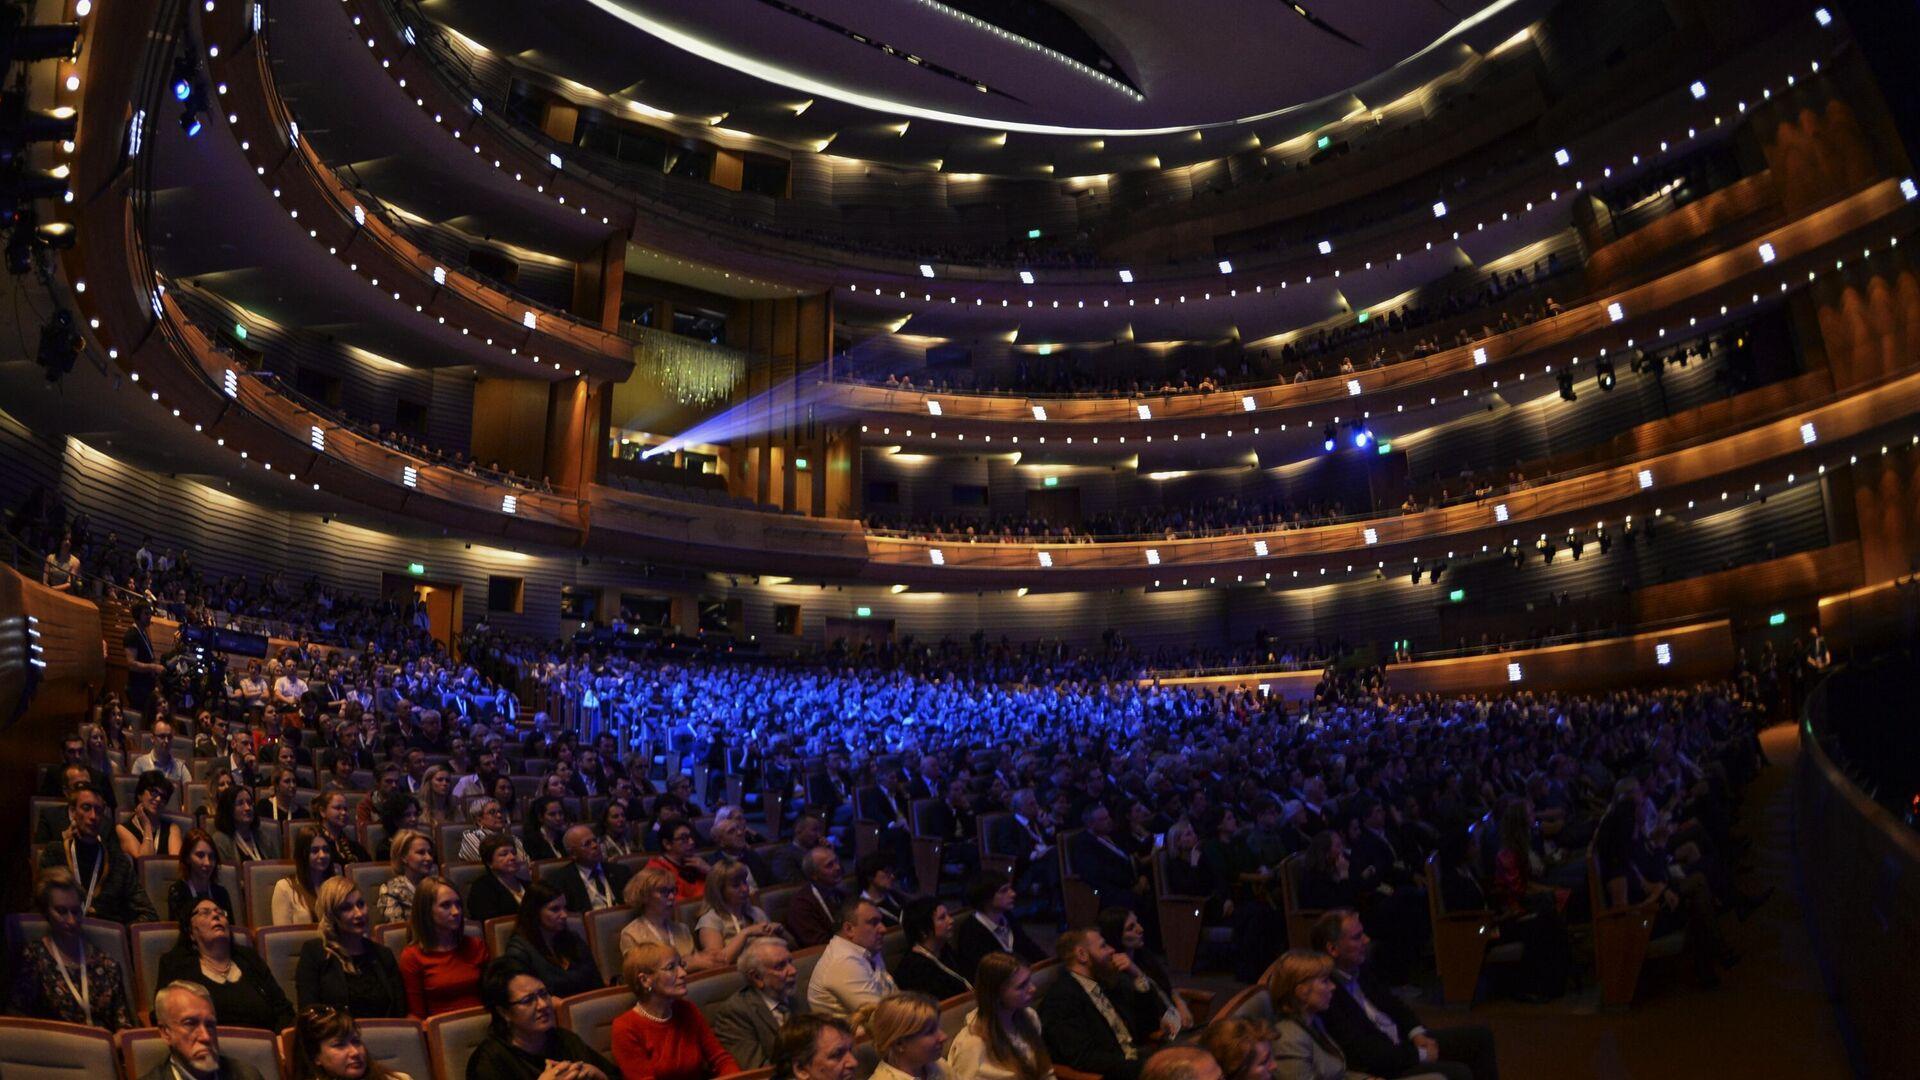 Зрители на гала-концерте All-star Global Concert в Международный день джаза на сцене Мариинского театра в Санкт-Петербурге - РИА Новости, 1920, 27.10.2020